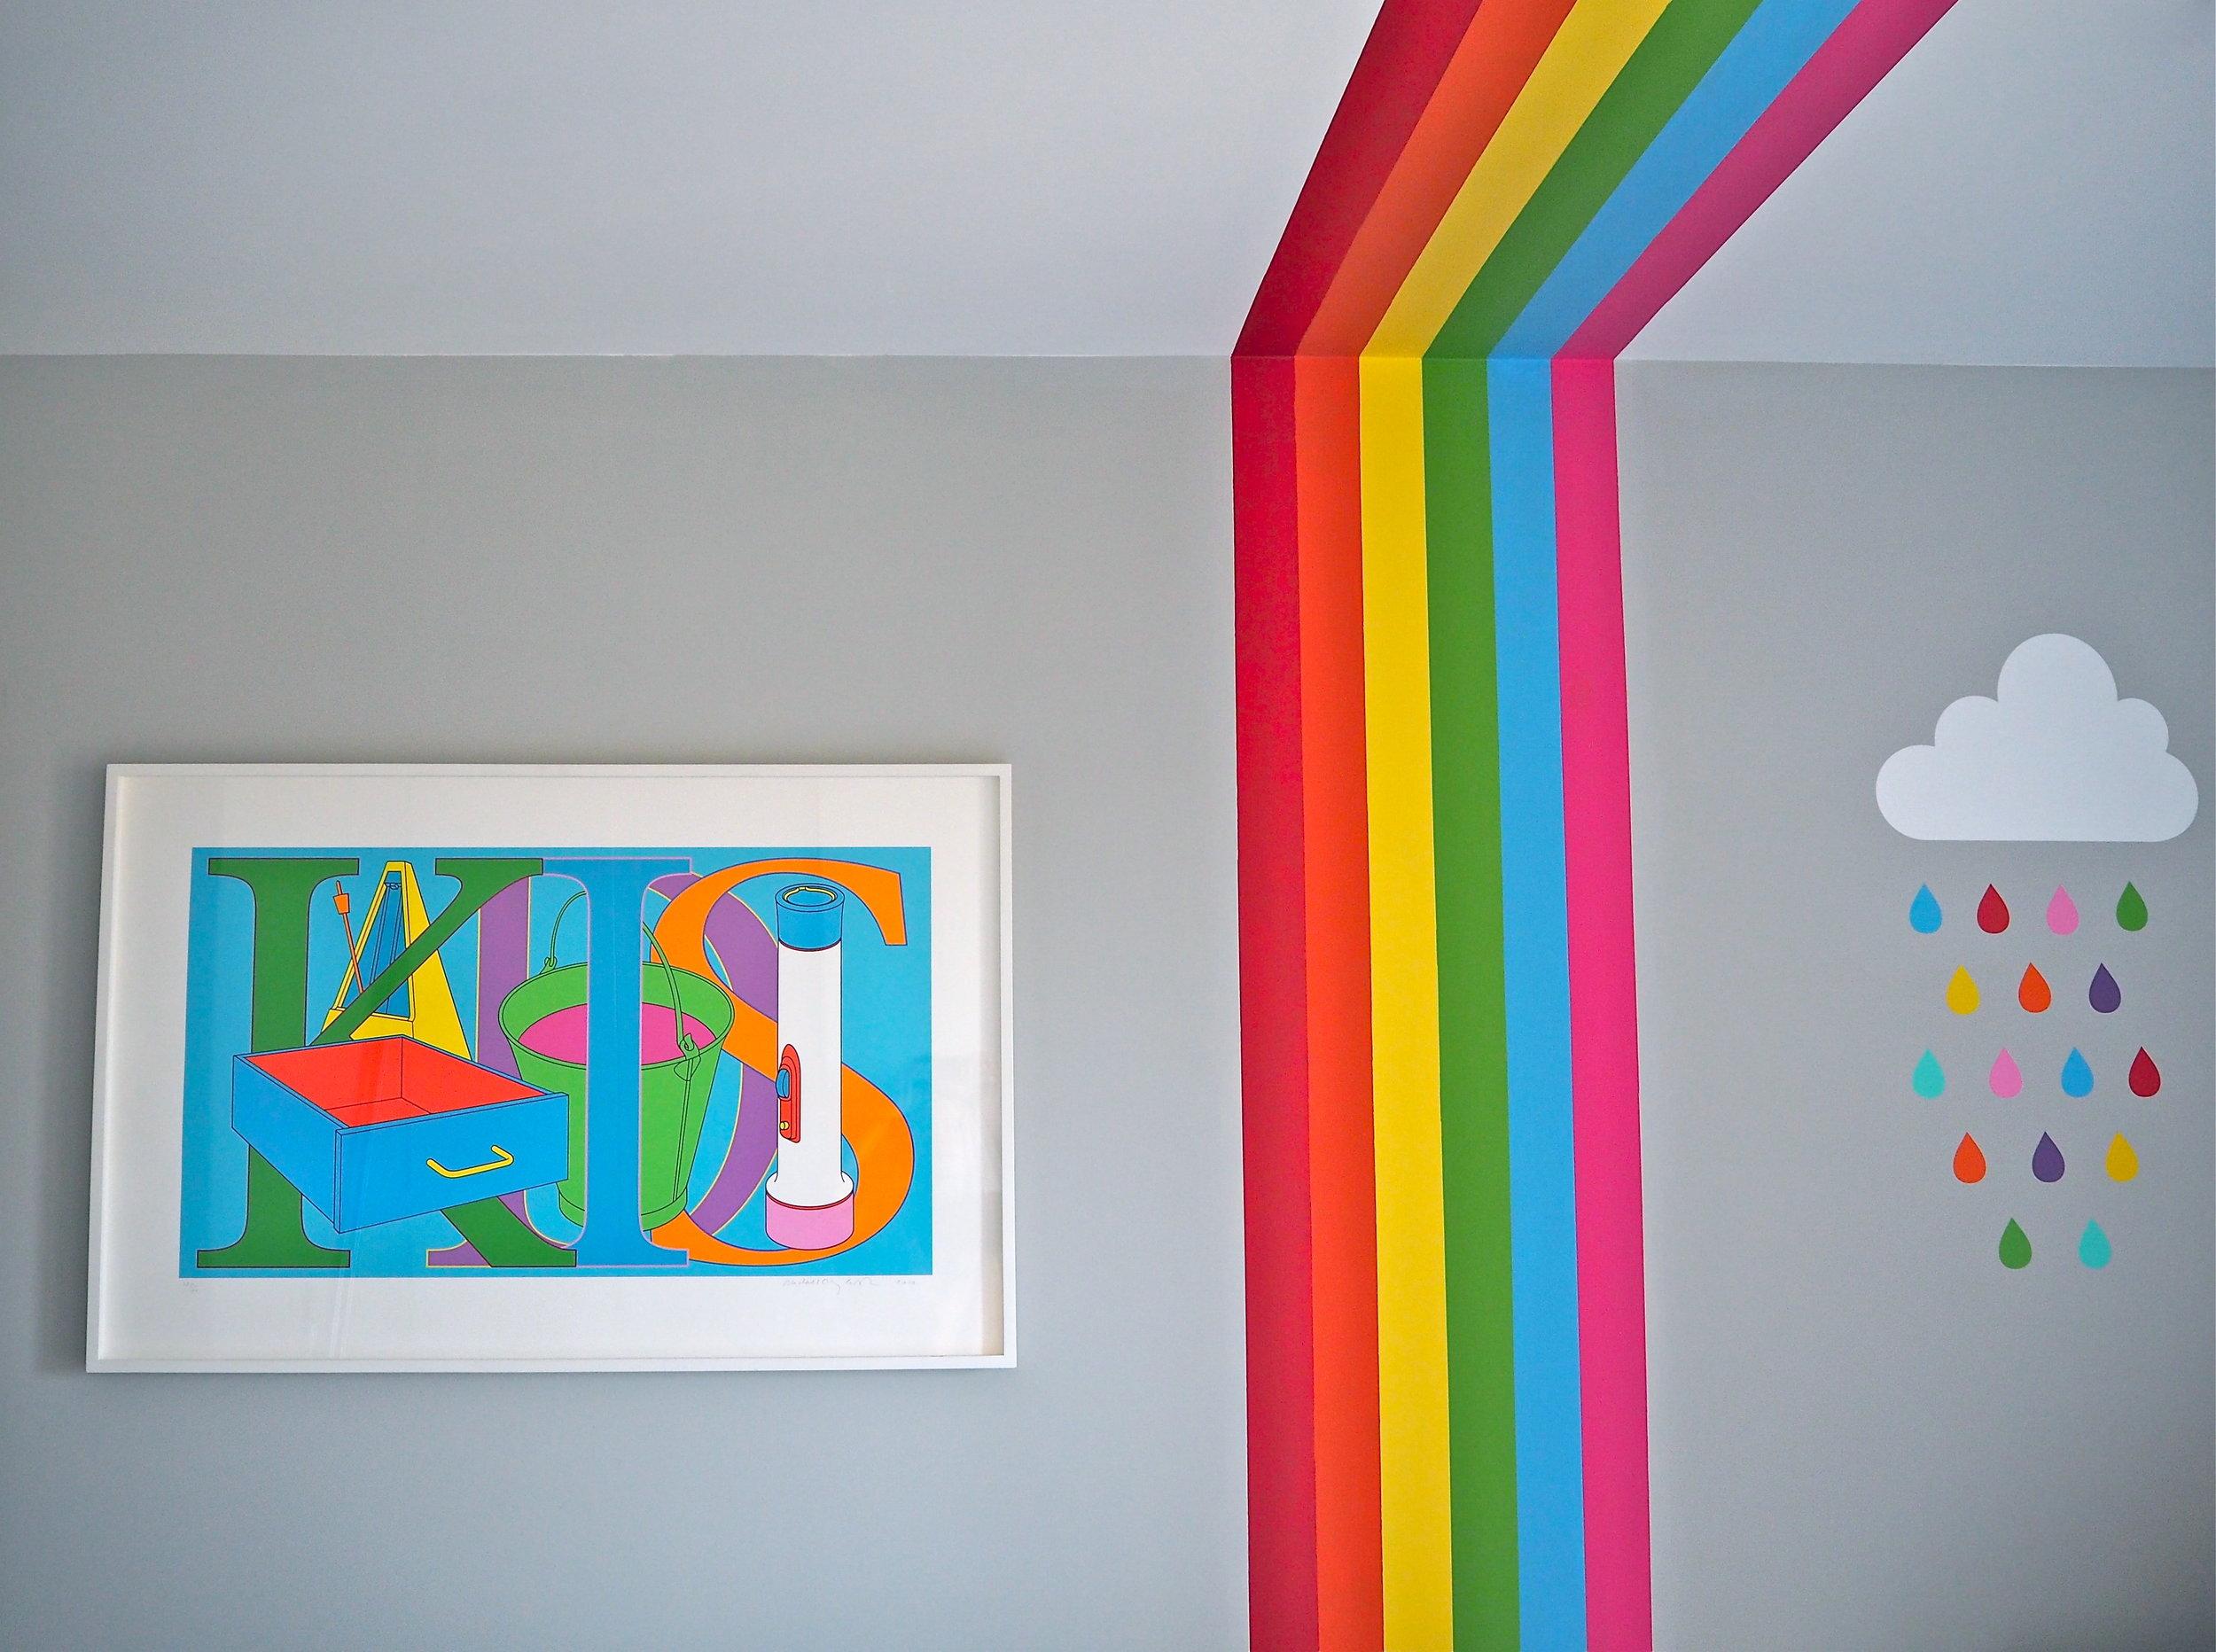 painted rainbow.jpg